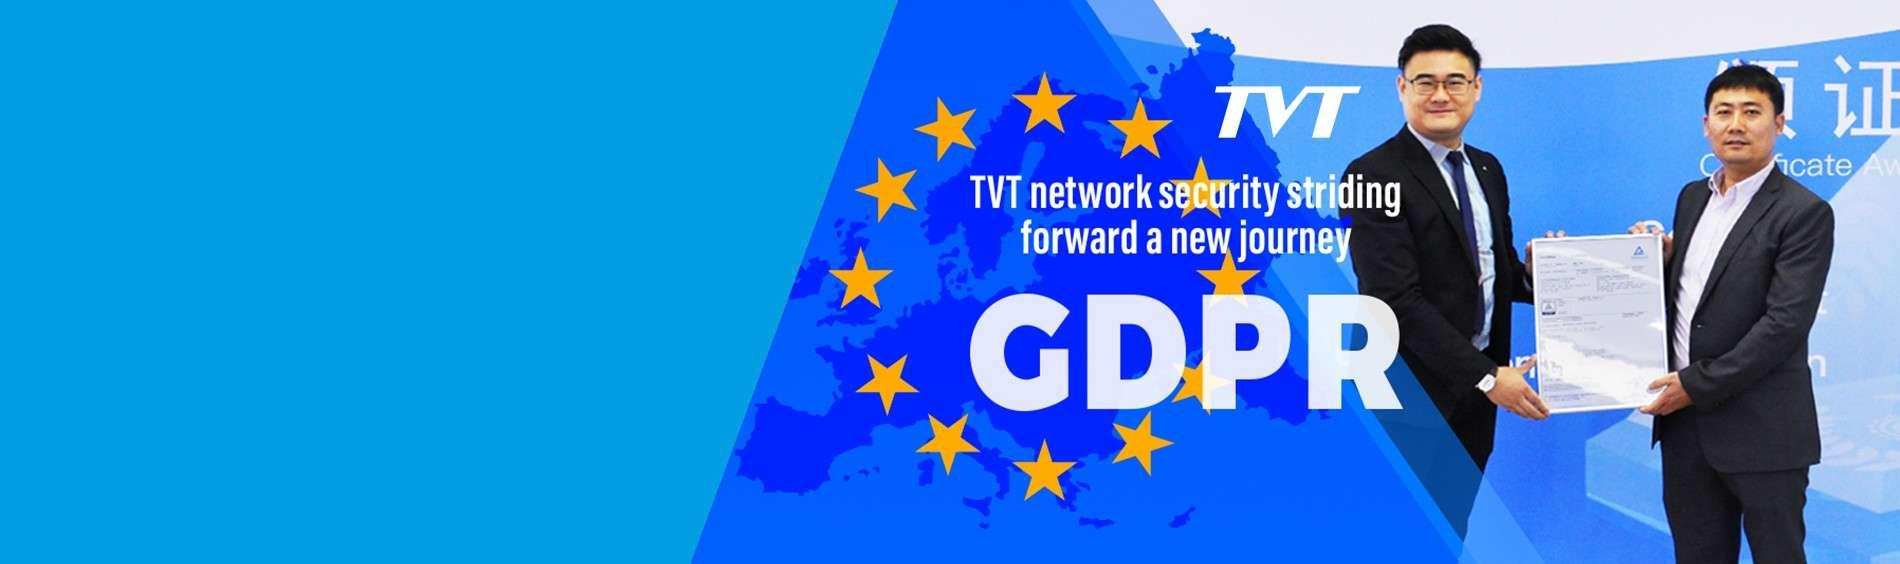 TVT : Une avancée majeure dans la sécurité (RGPD)